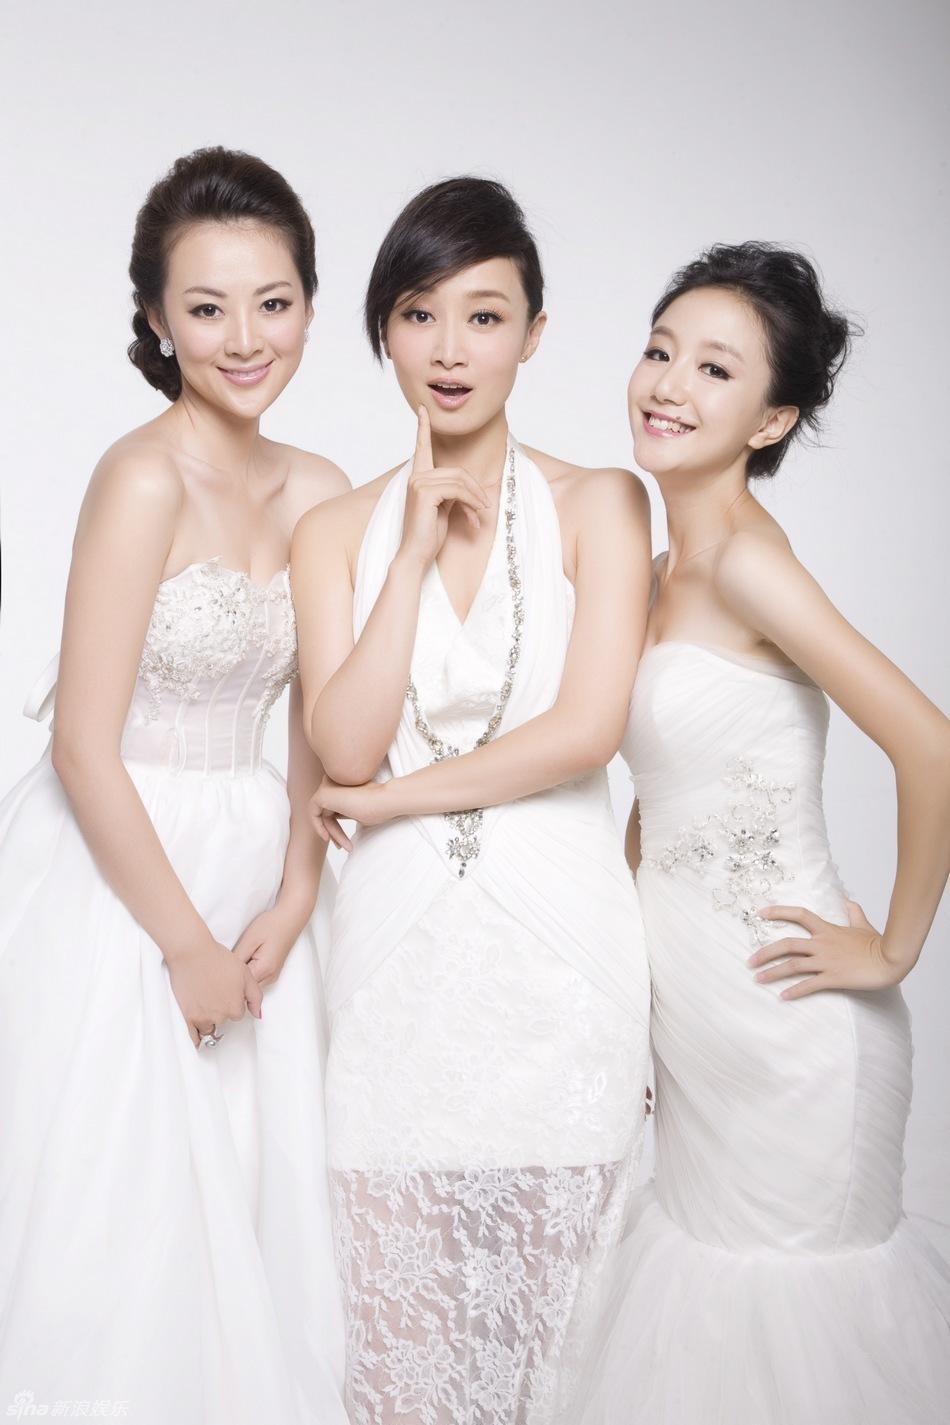 http://www.sinaimg.cn/dy/slidenews/4_img/2013_25/704_1003790_832730.jpg